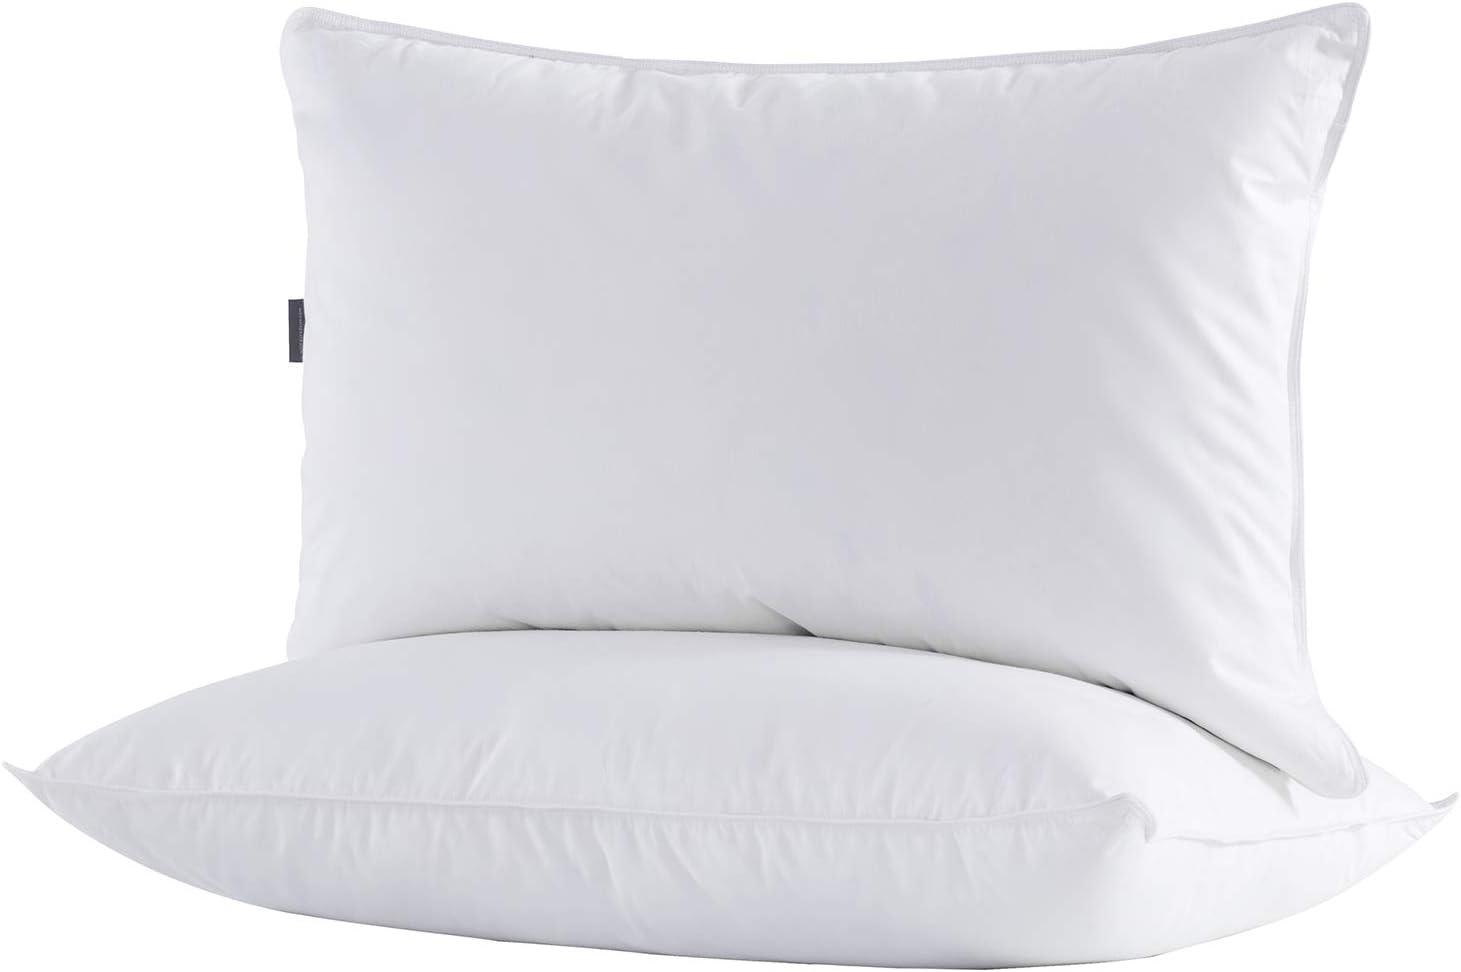 Almohada medio firme